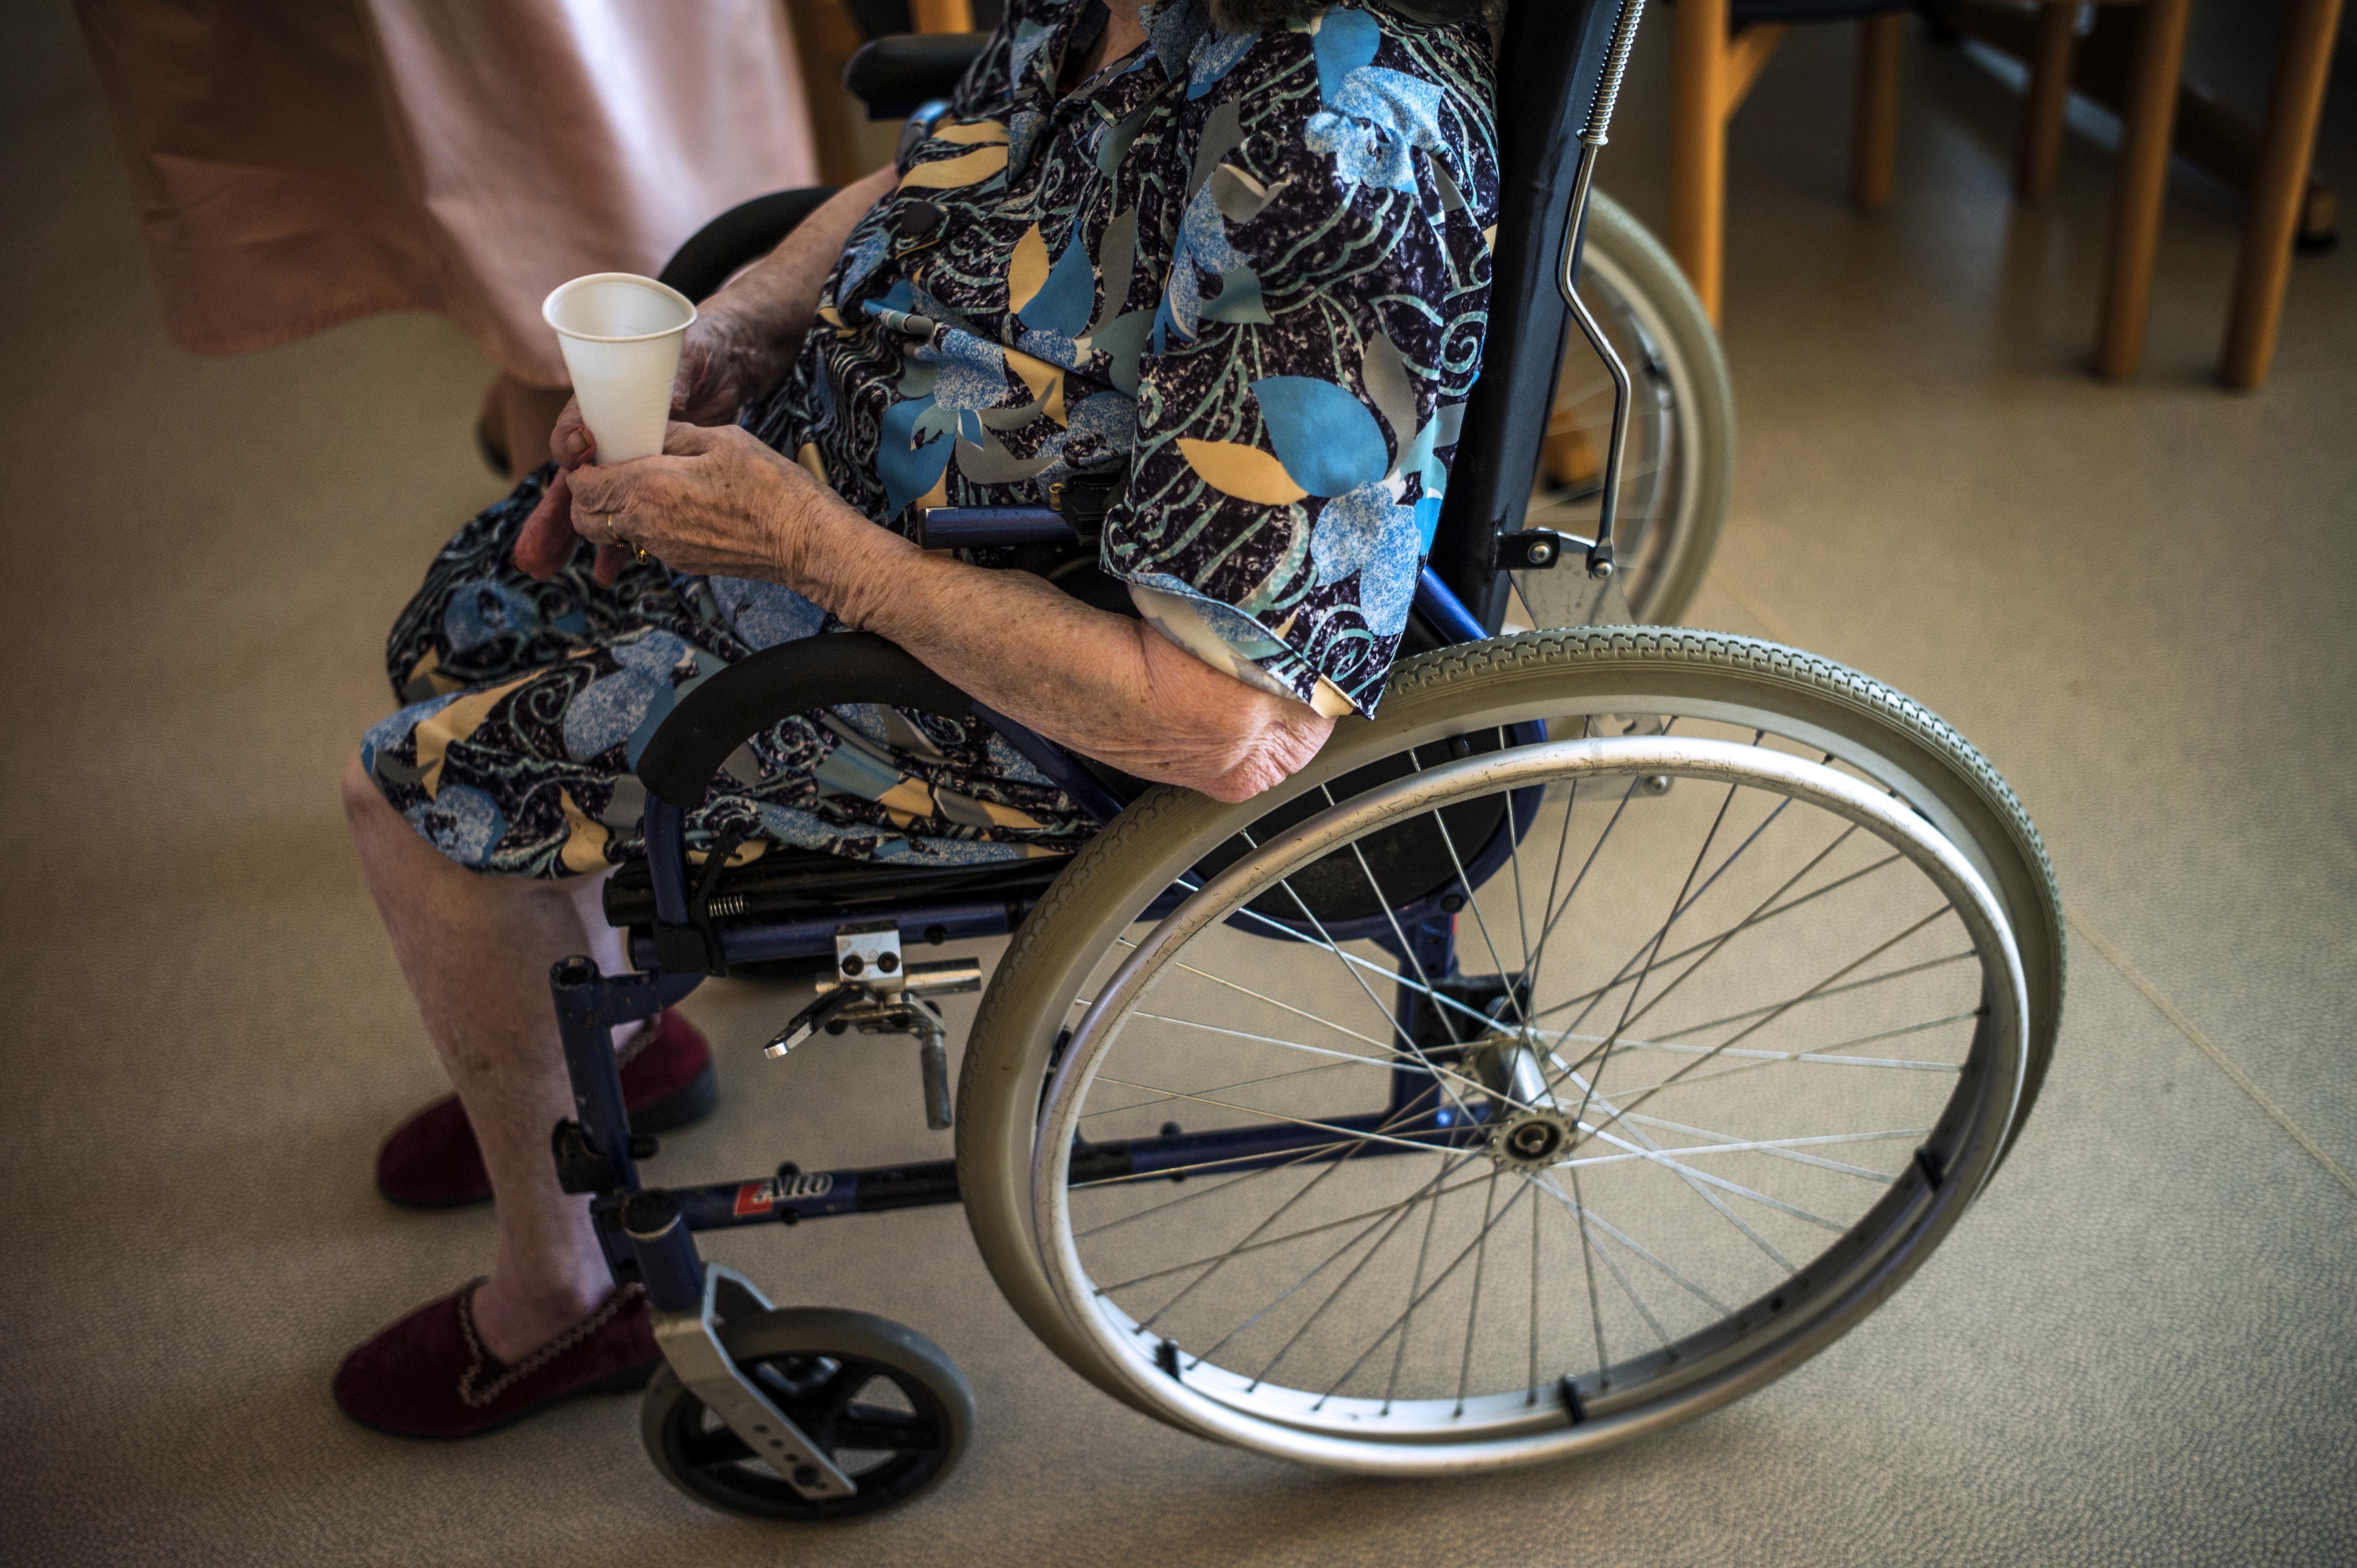 Sedie A Rotelle Torino : Casa di cura: donna muore cadendo dalle scale su sedia rotelle